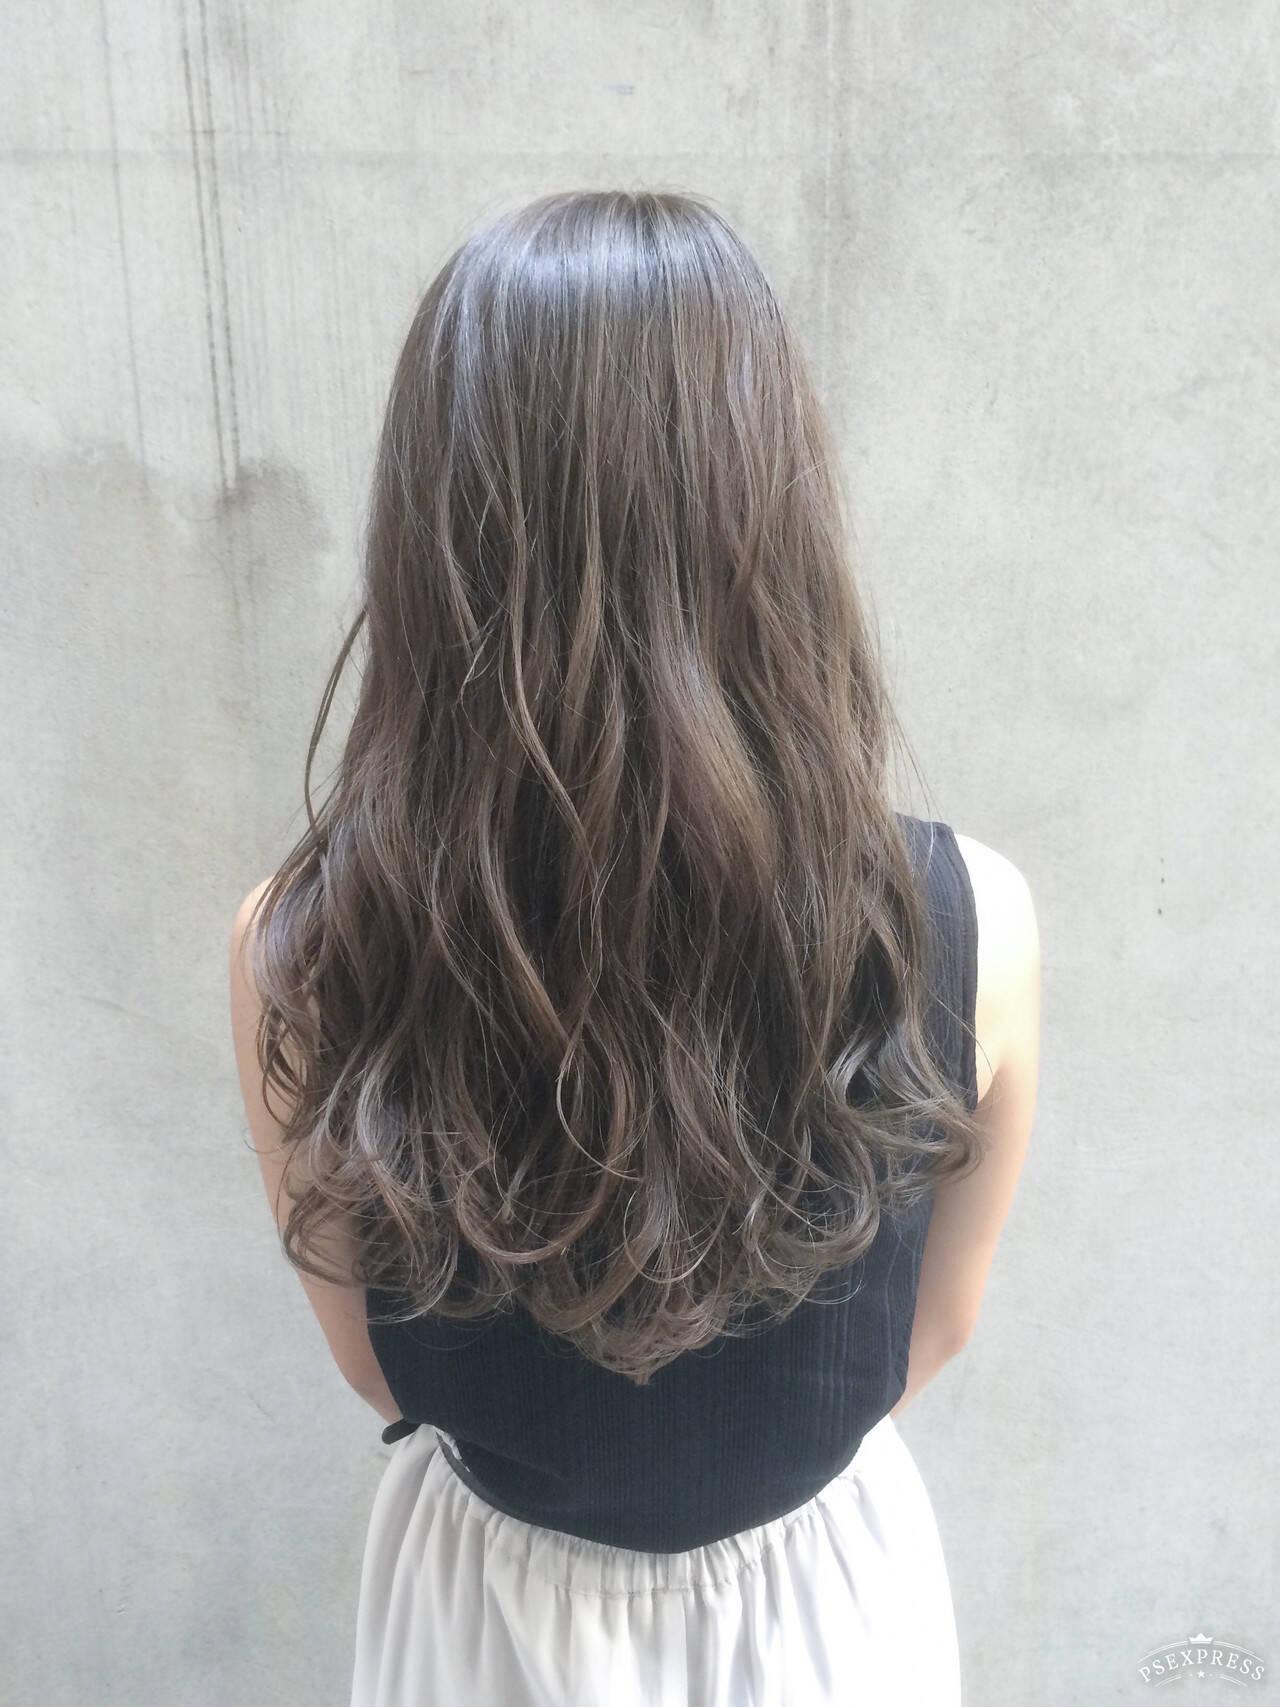 シルバーグレージュ 暗髪 イルミナカラー グレージュヘアスタイルや髪型の写真・画像